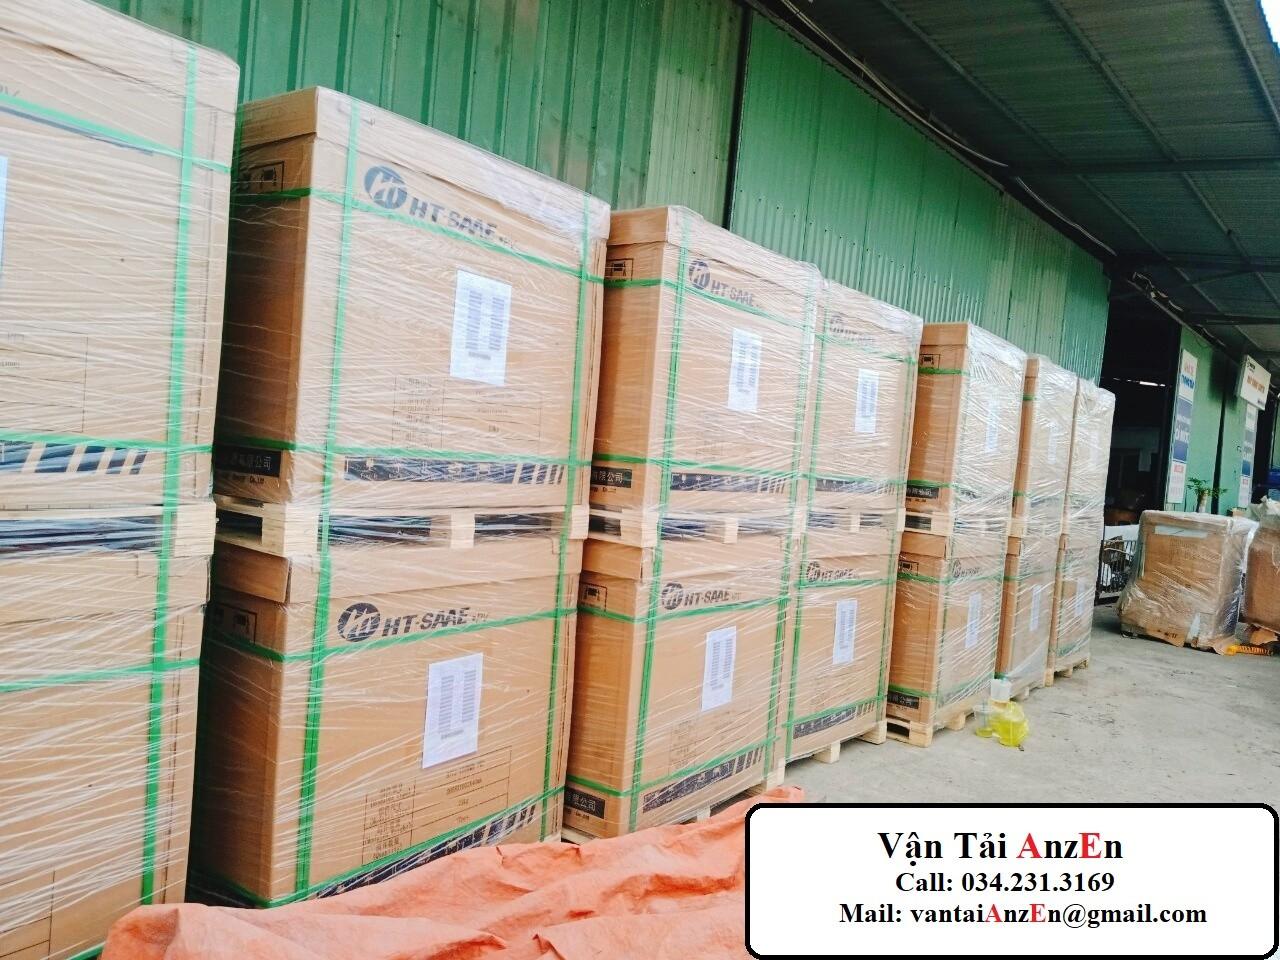 Vận Tải Bắc Nam 19 - Vận chuyển hàng hóa Đà Nẵng đi Kiên Giang